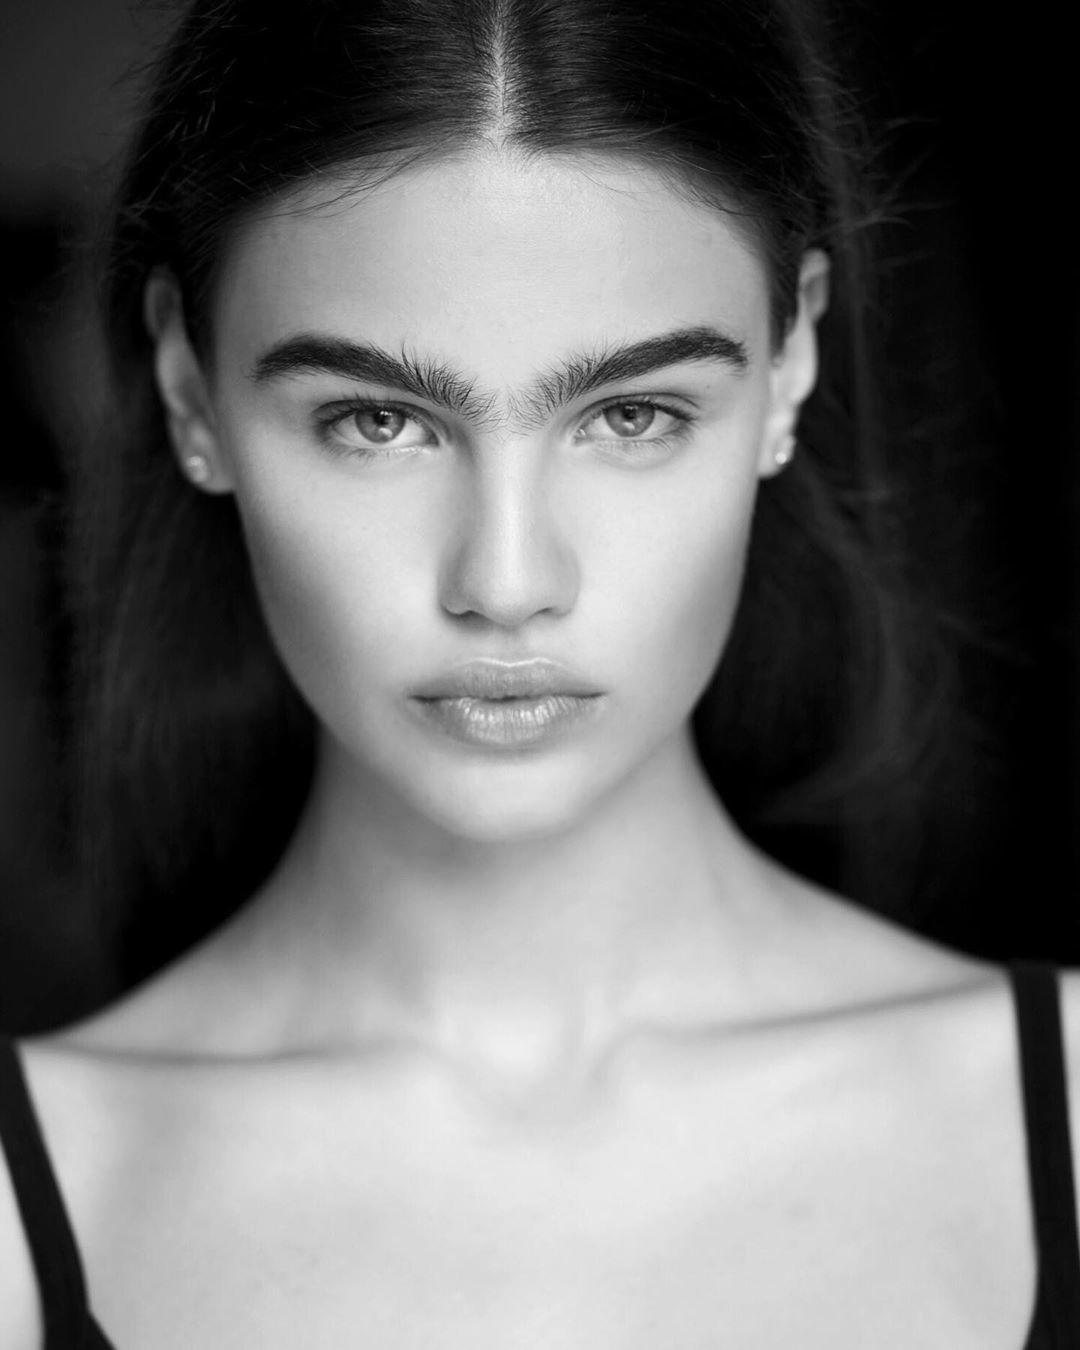 Người mẫu Anna Yurkova cũng ủng hộ trào lưu nuôi lông mày rậm thay vì nhổ, cạo chúng thường xuyên.